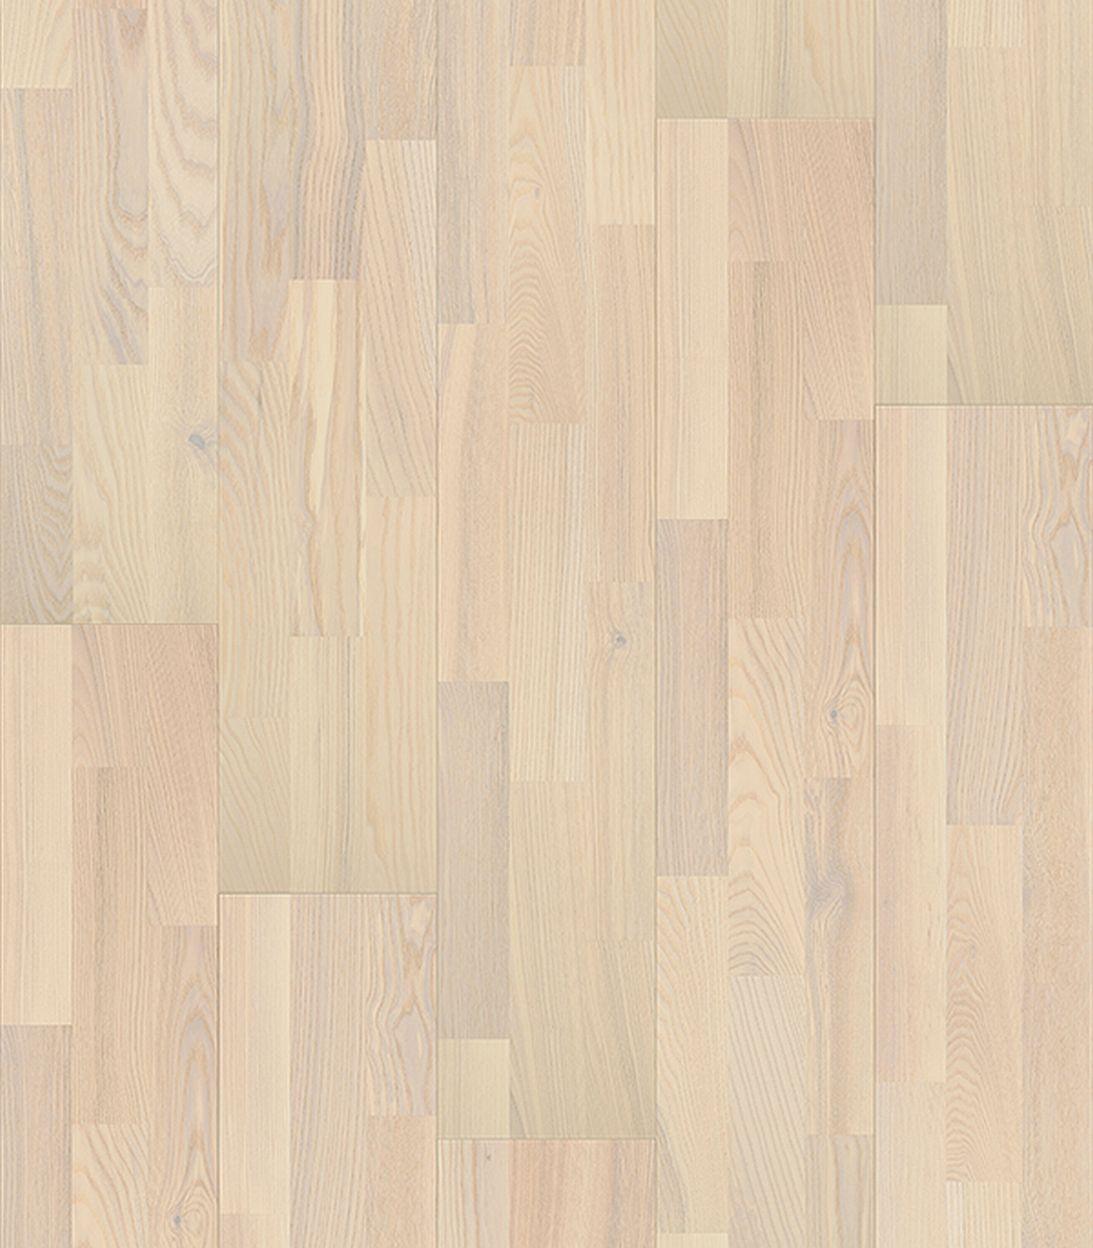 Паркетная доска трёхполосная BLANCO ясень тренд 3П белый матовый лак 14мм паркетная доска tarkett salsa art vanila clouds 2283x194x14 мм